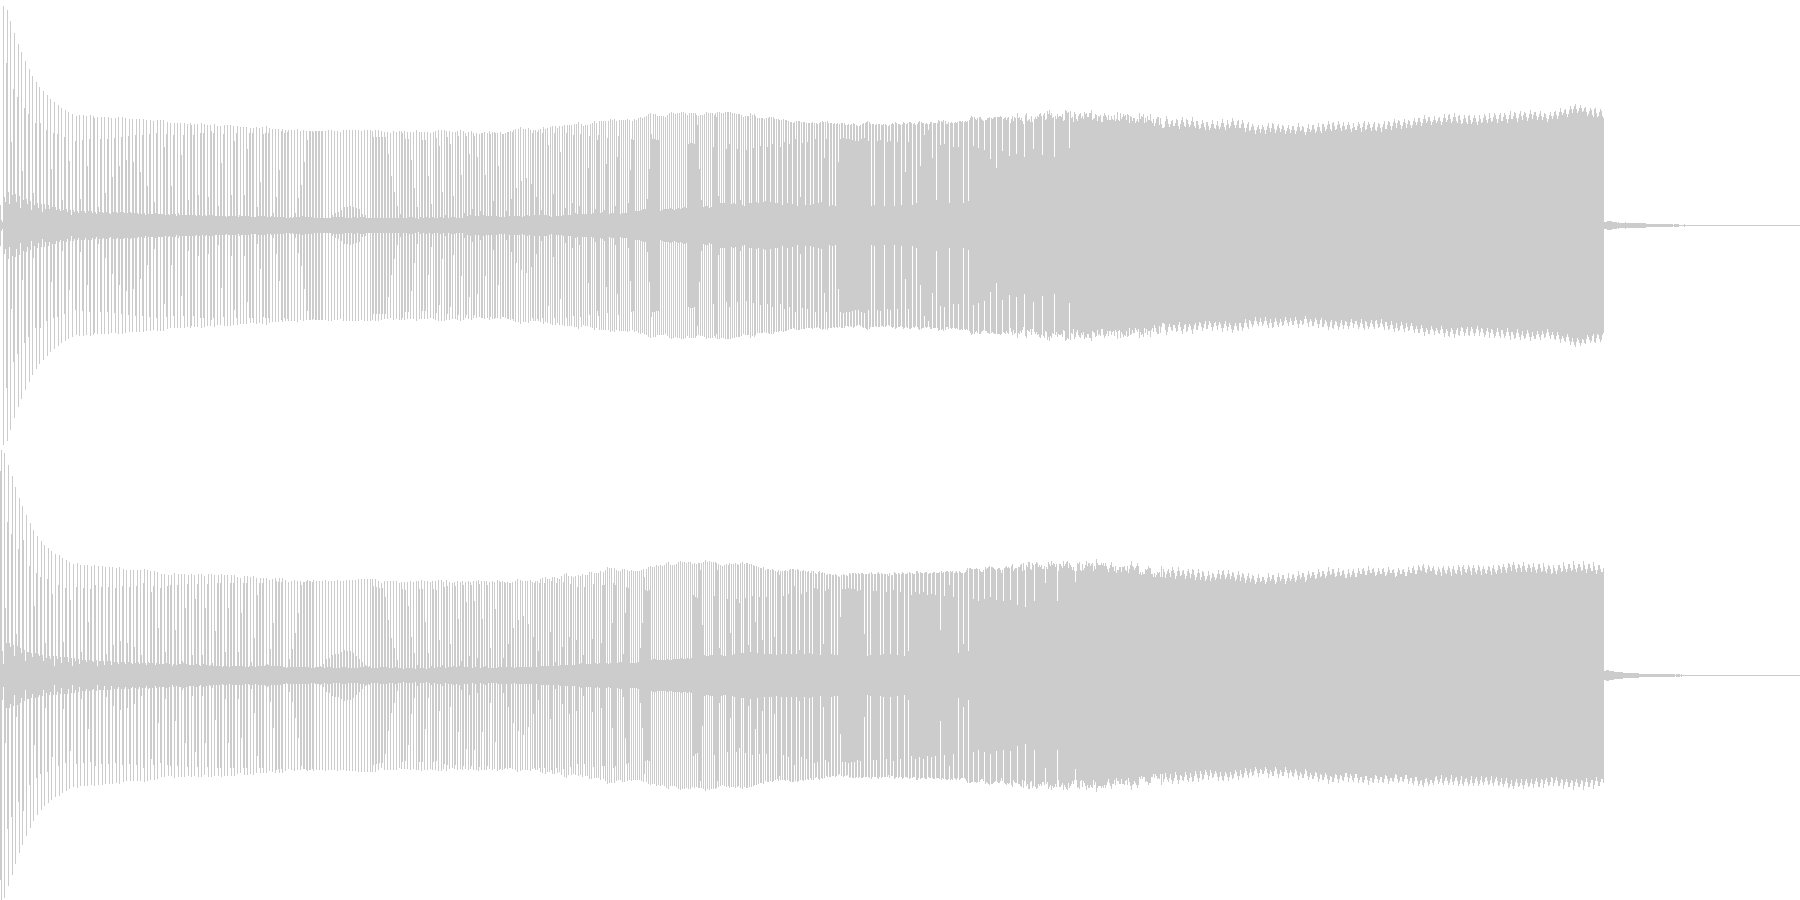 8ビット風上昇音の未再生の波形